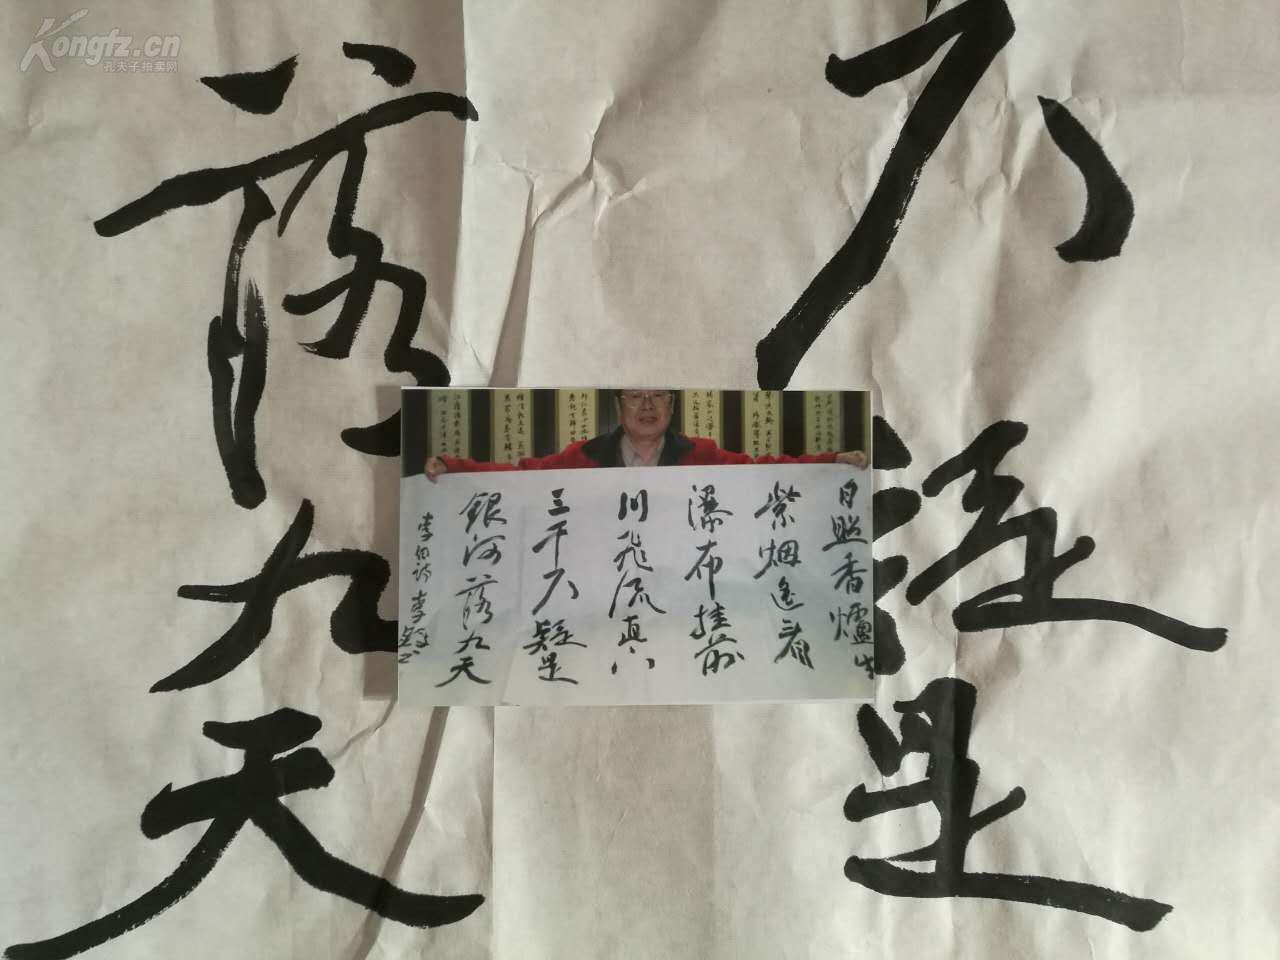 中国国际友好联络会理事图片